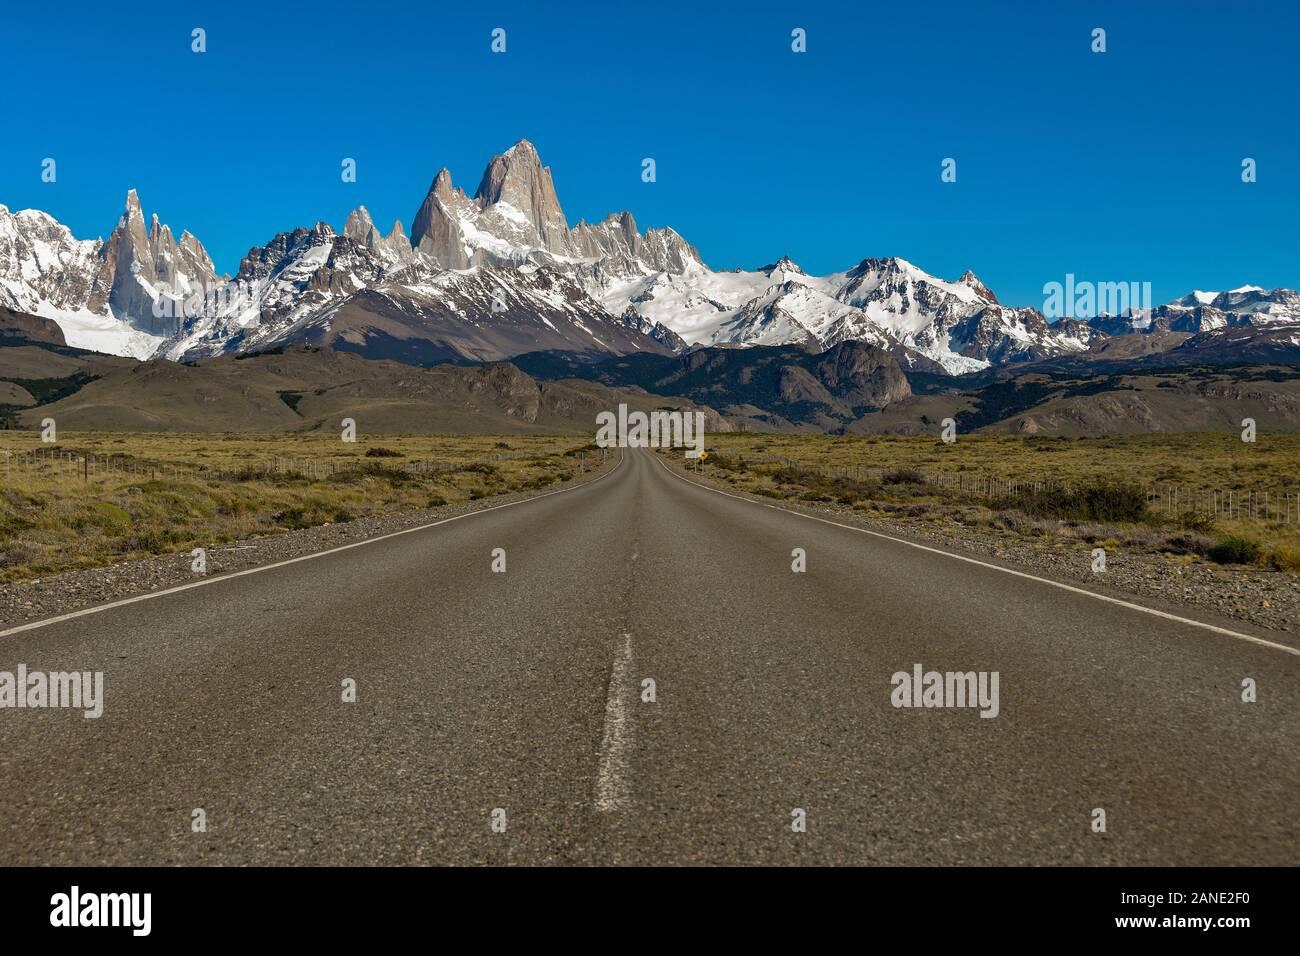 Camino hacia El Chaltén con famosos cerros Fitz Roy y el Cerro Torre, Patagonia, Argentina Foto de stock